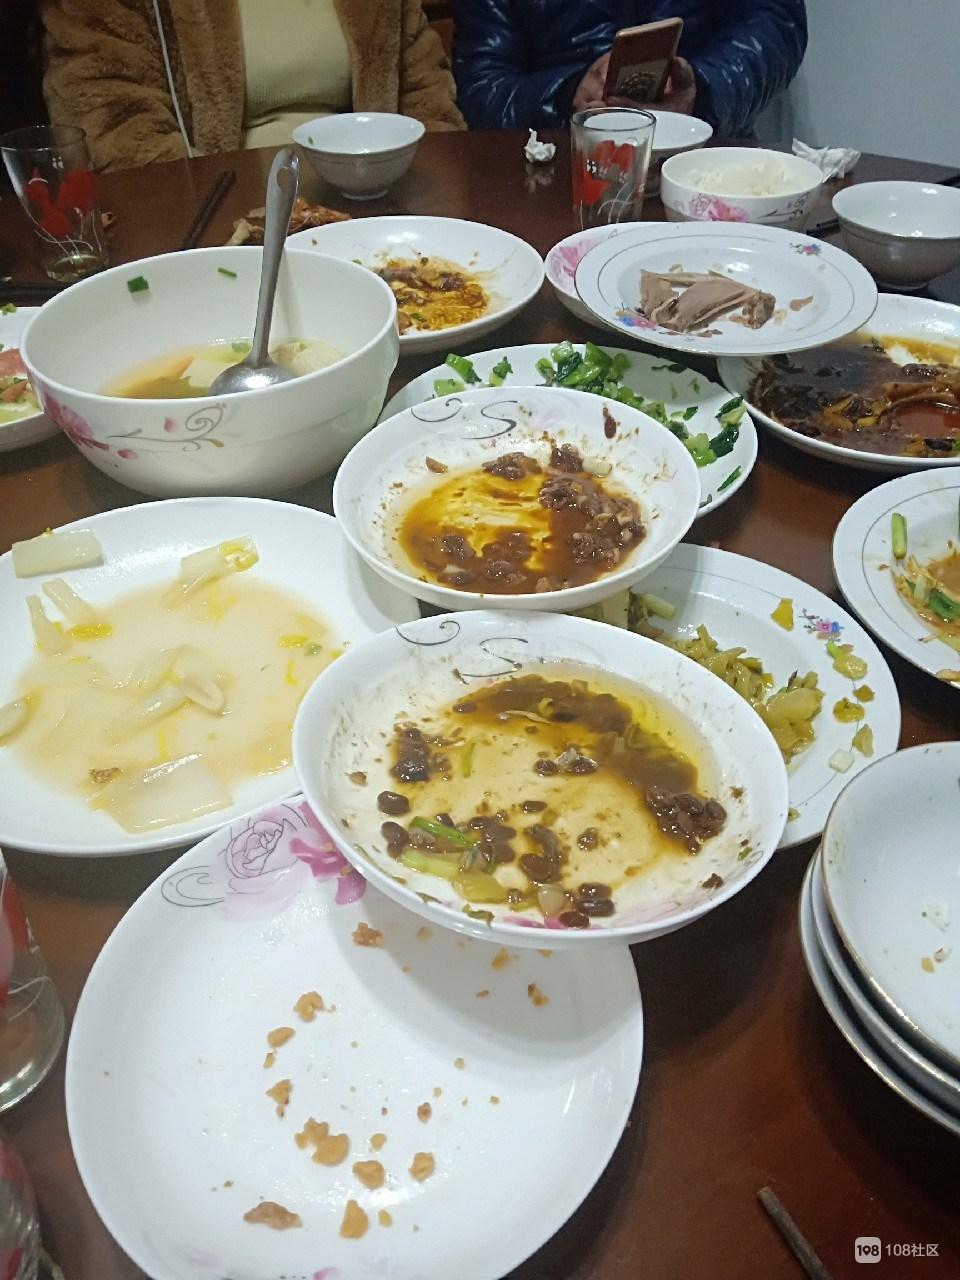 老婆娘家来了7个兄弟!看我大显身手准备了20多道菜